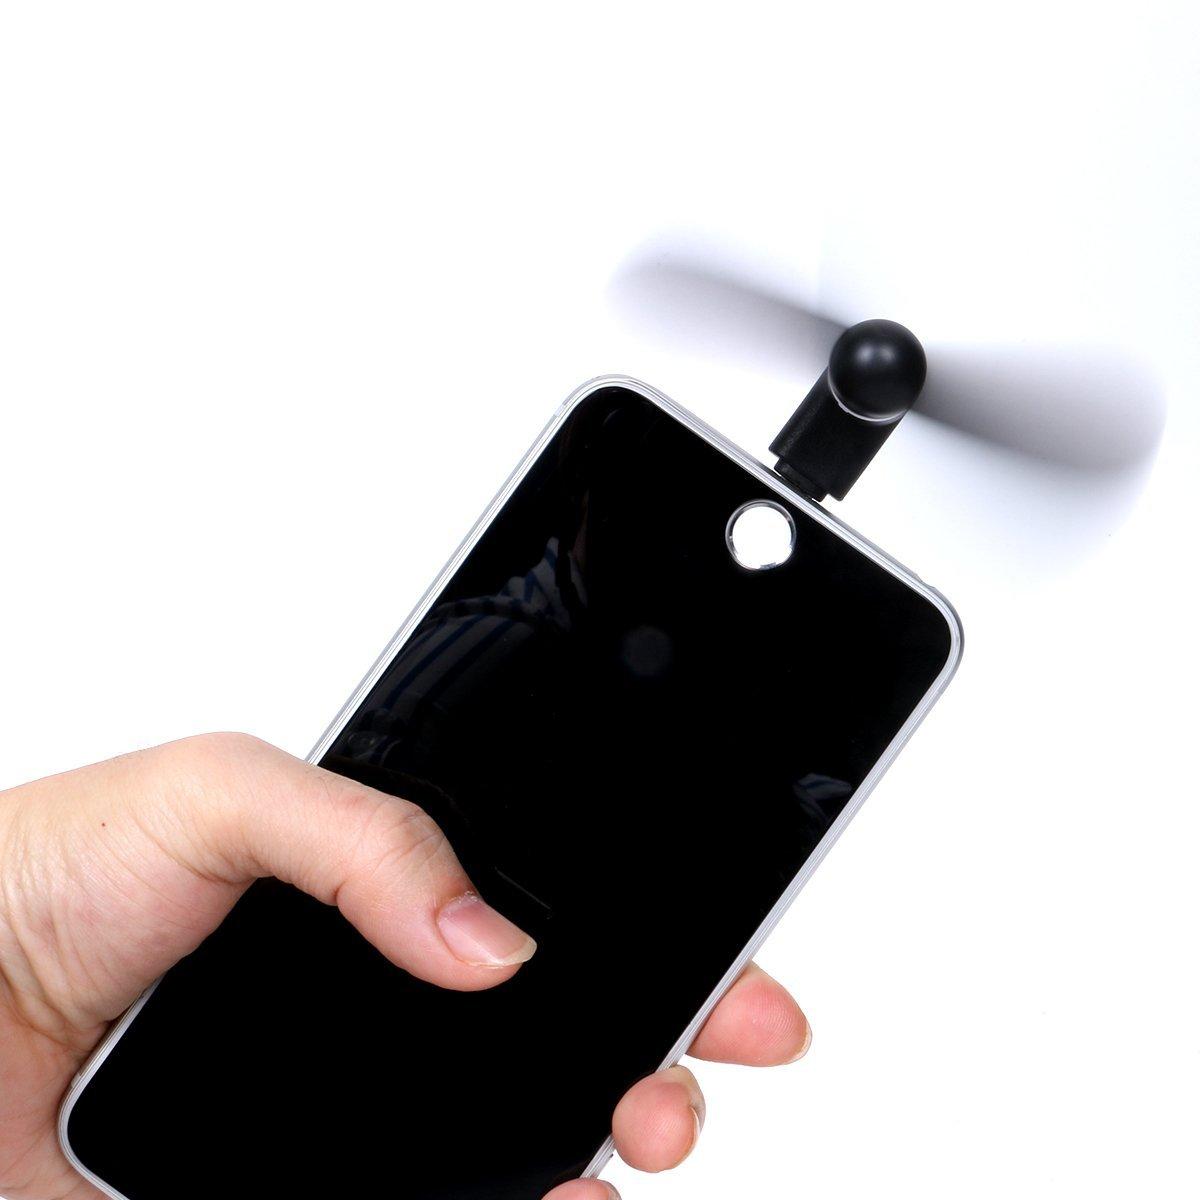 Větráček Summer FAN pro Apple iPhone / iPad (6 barev na výběr) - Černý